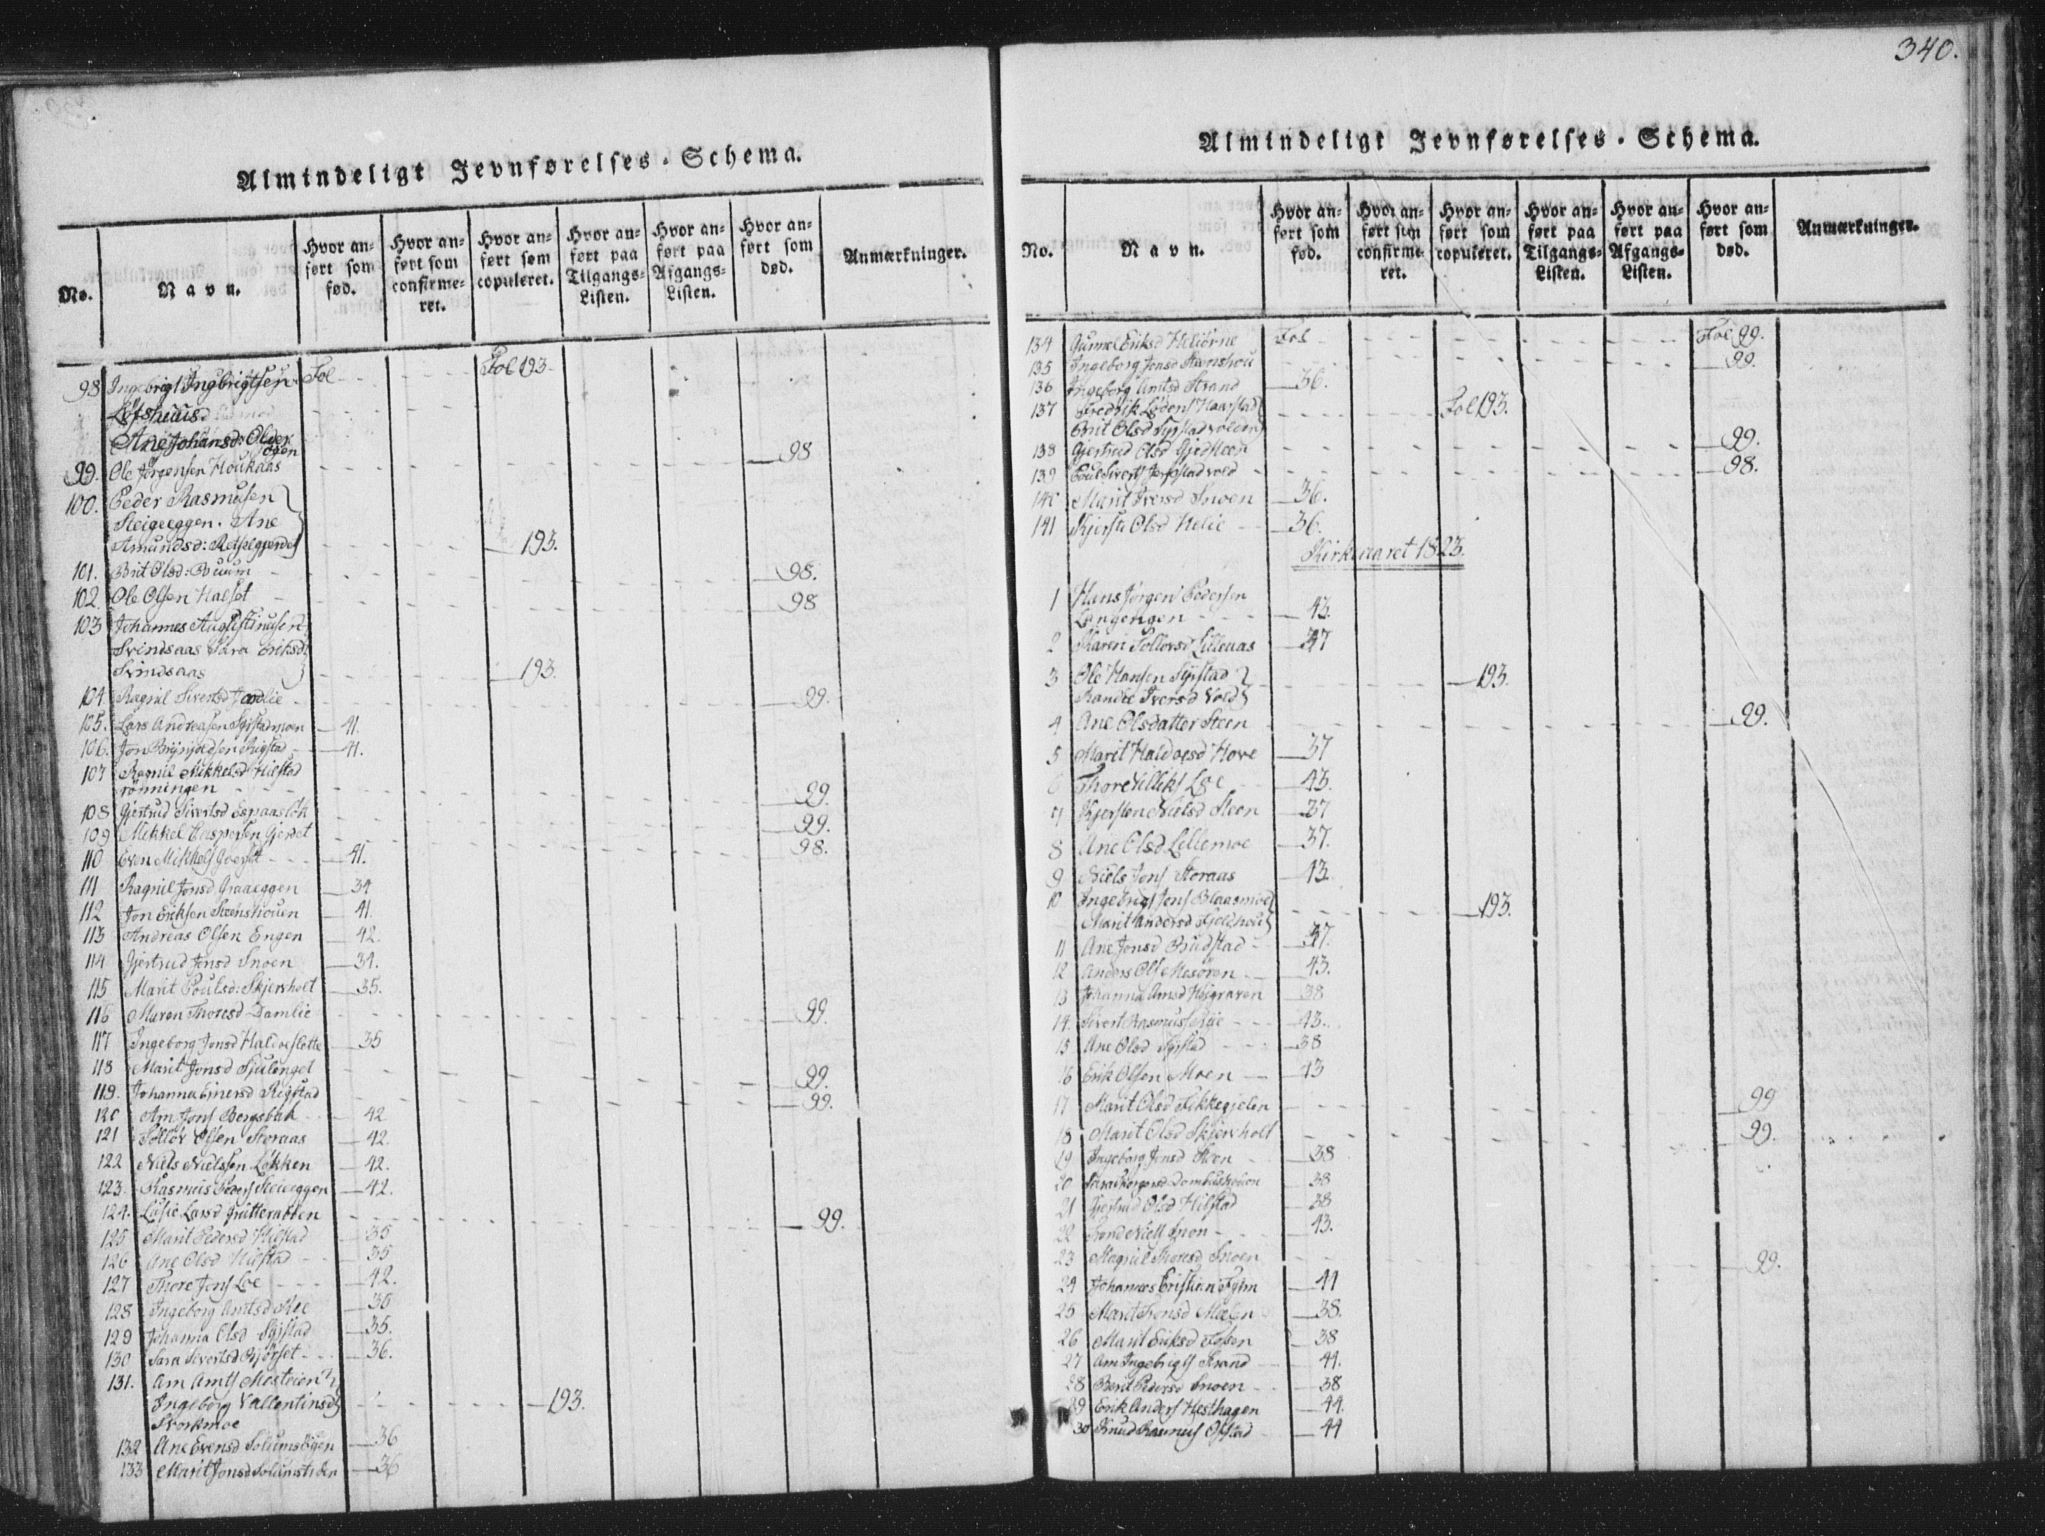 SAT, Ministerialprotokoller, klokkerbøker og fødselsregistre - Sør-Trøndelag, 672/L0862: Klokkerbok nr. 672C01, 1816-1831, s. 340